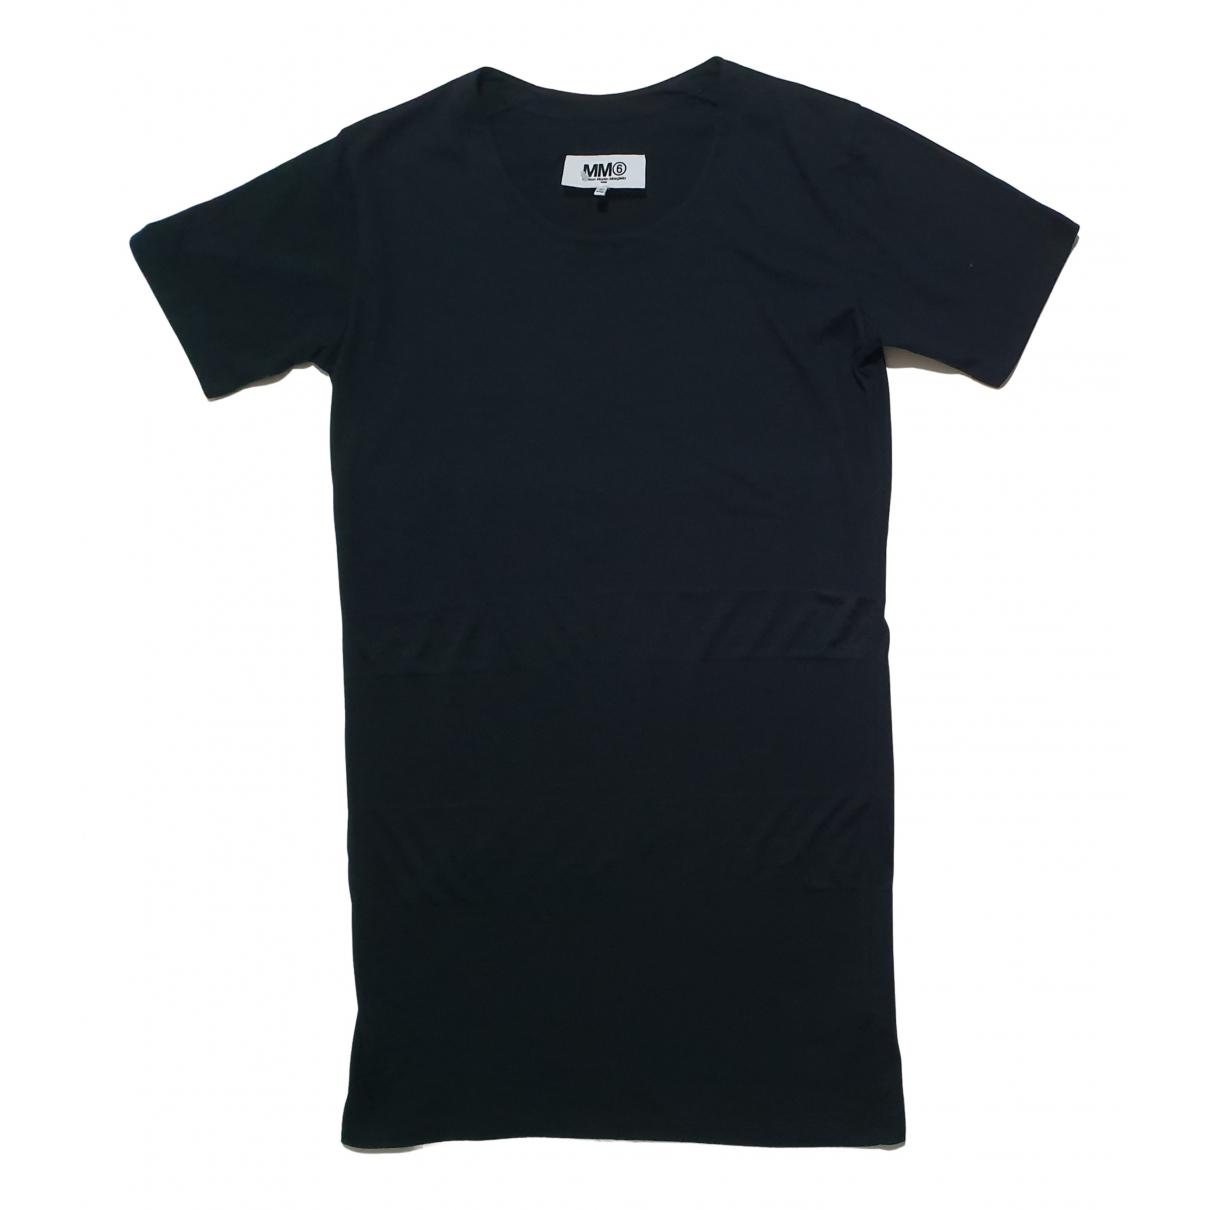 Mm6 - Robe   pour femme en coton - noir